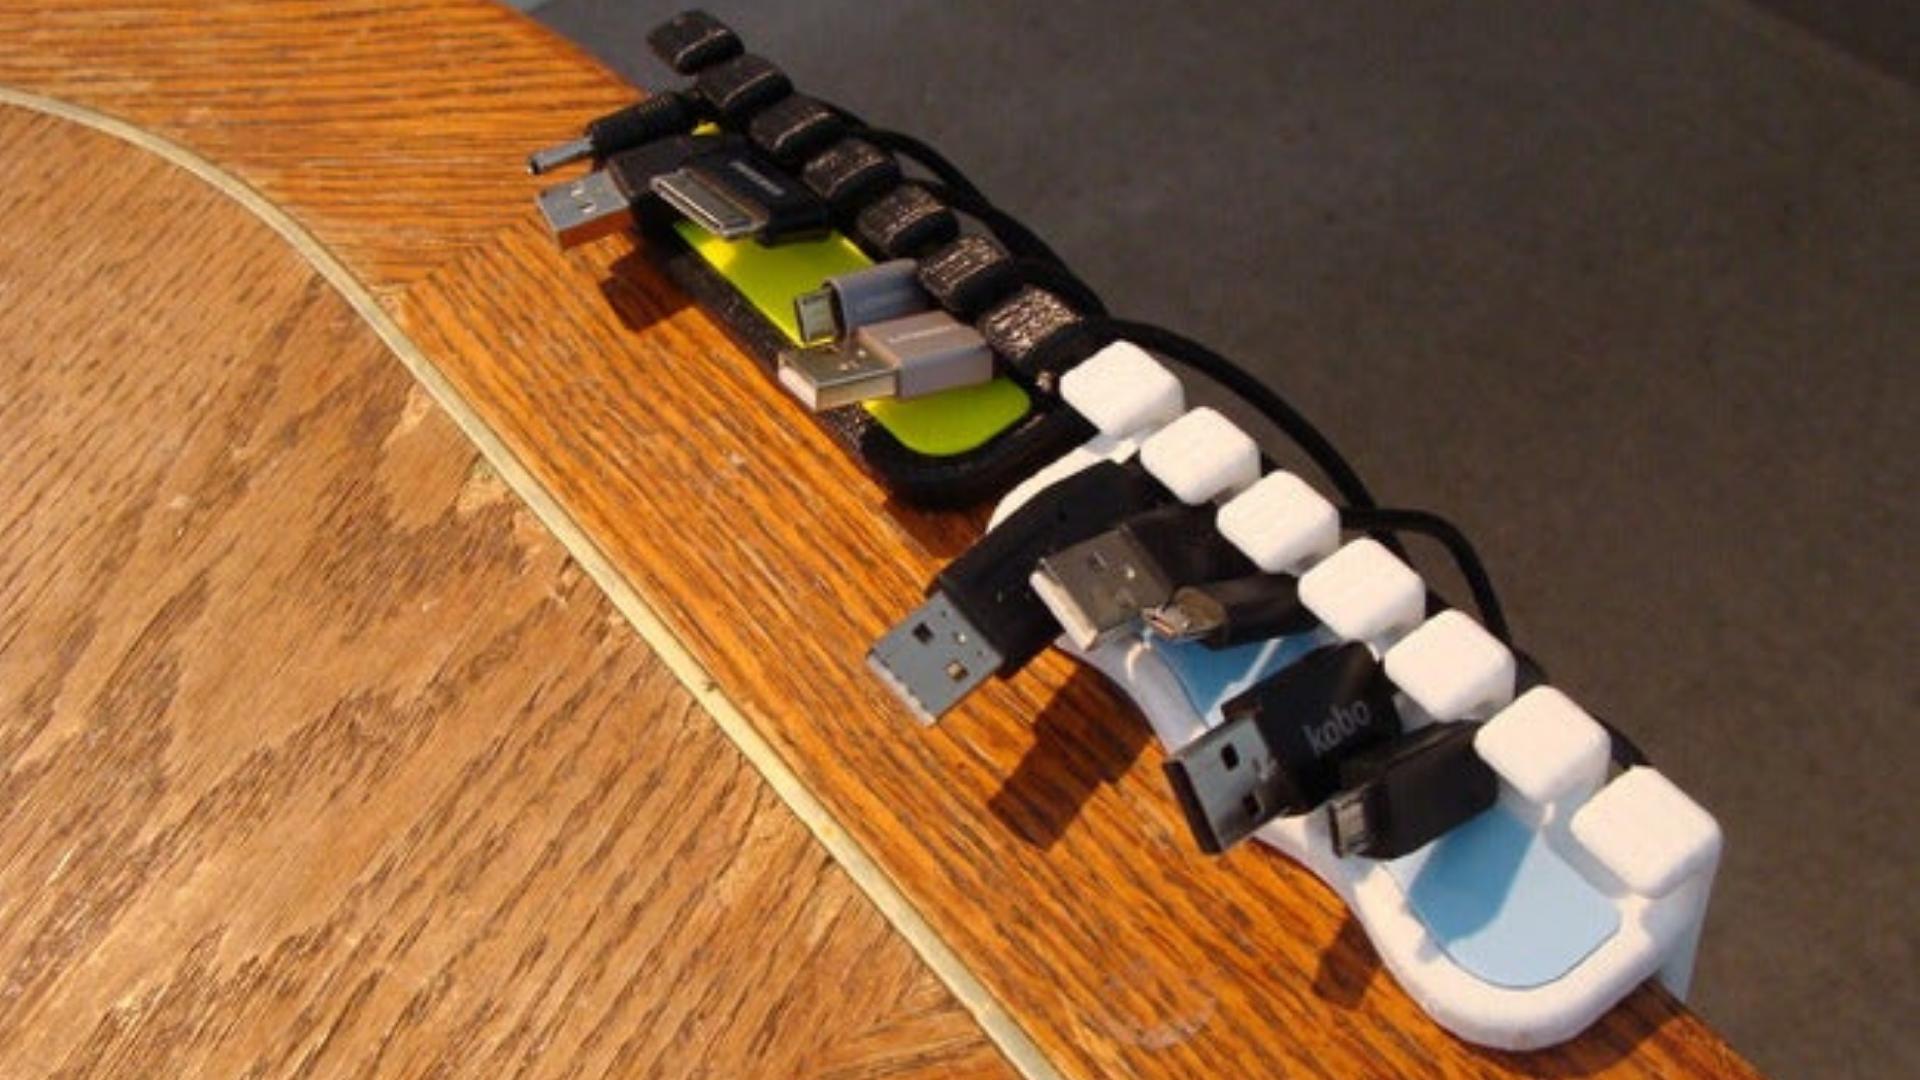 projetos legais e úteis para imprimir em 3D organizador de cabos usb